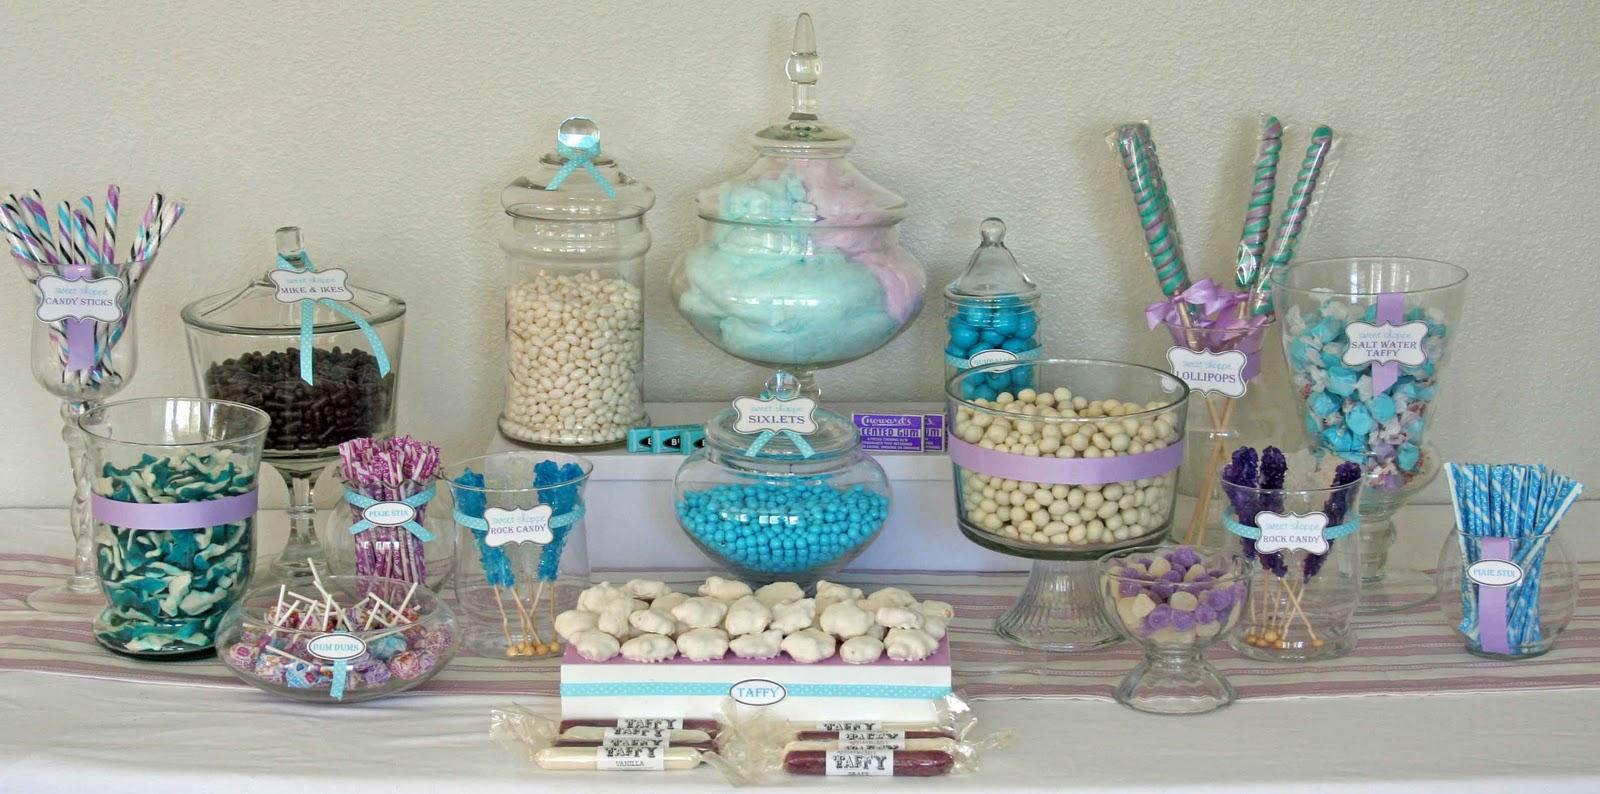 Centros de mesa para boda: Ideas para mesa de dulces en una boda